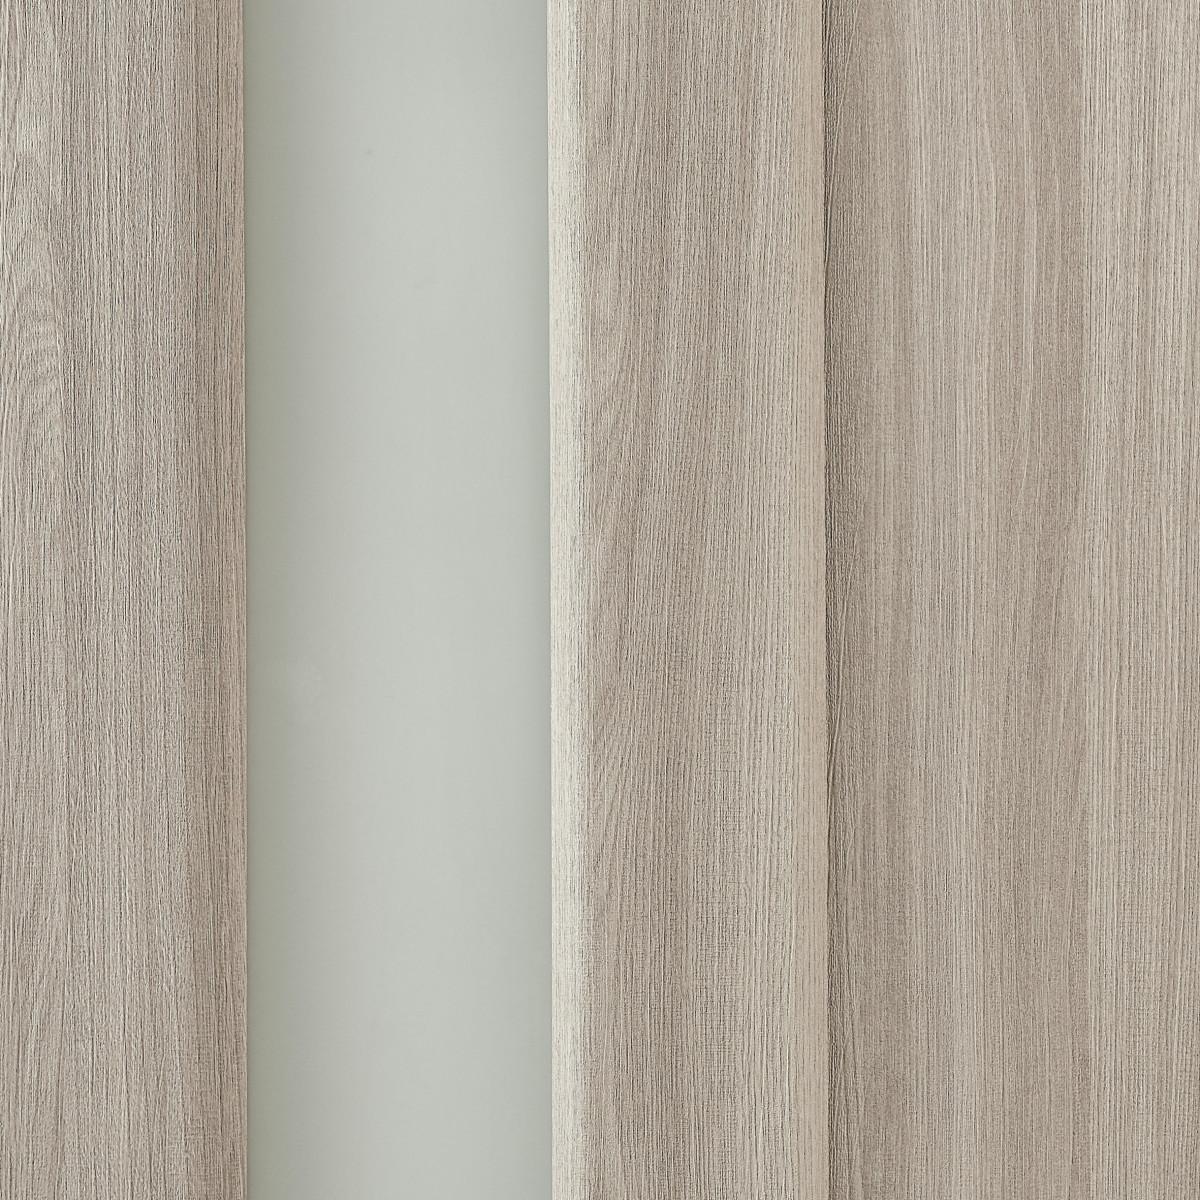 Дверь Межкомнатная Остеклённая Artens Мария 60x200 Пвх Цвет Шимо